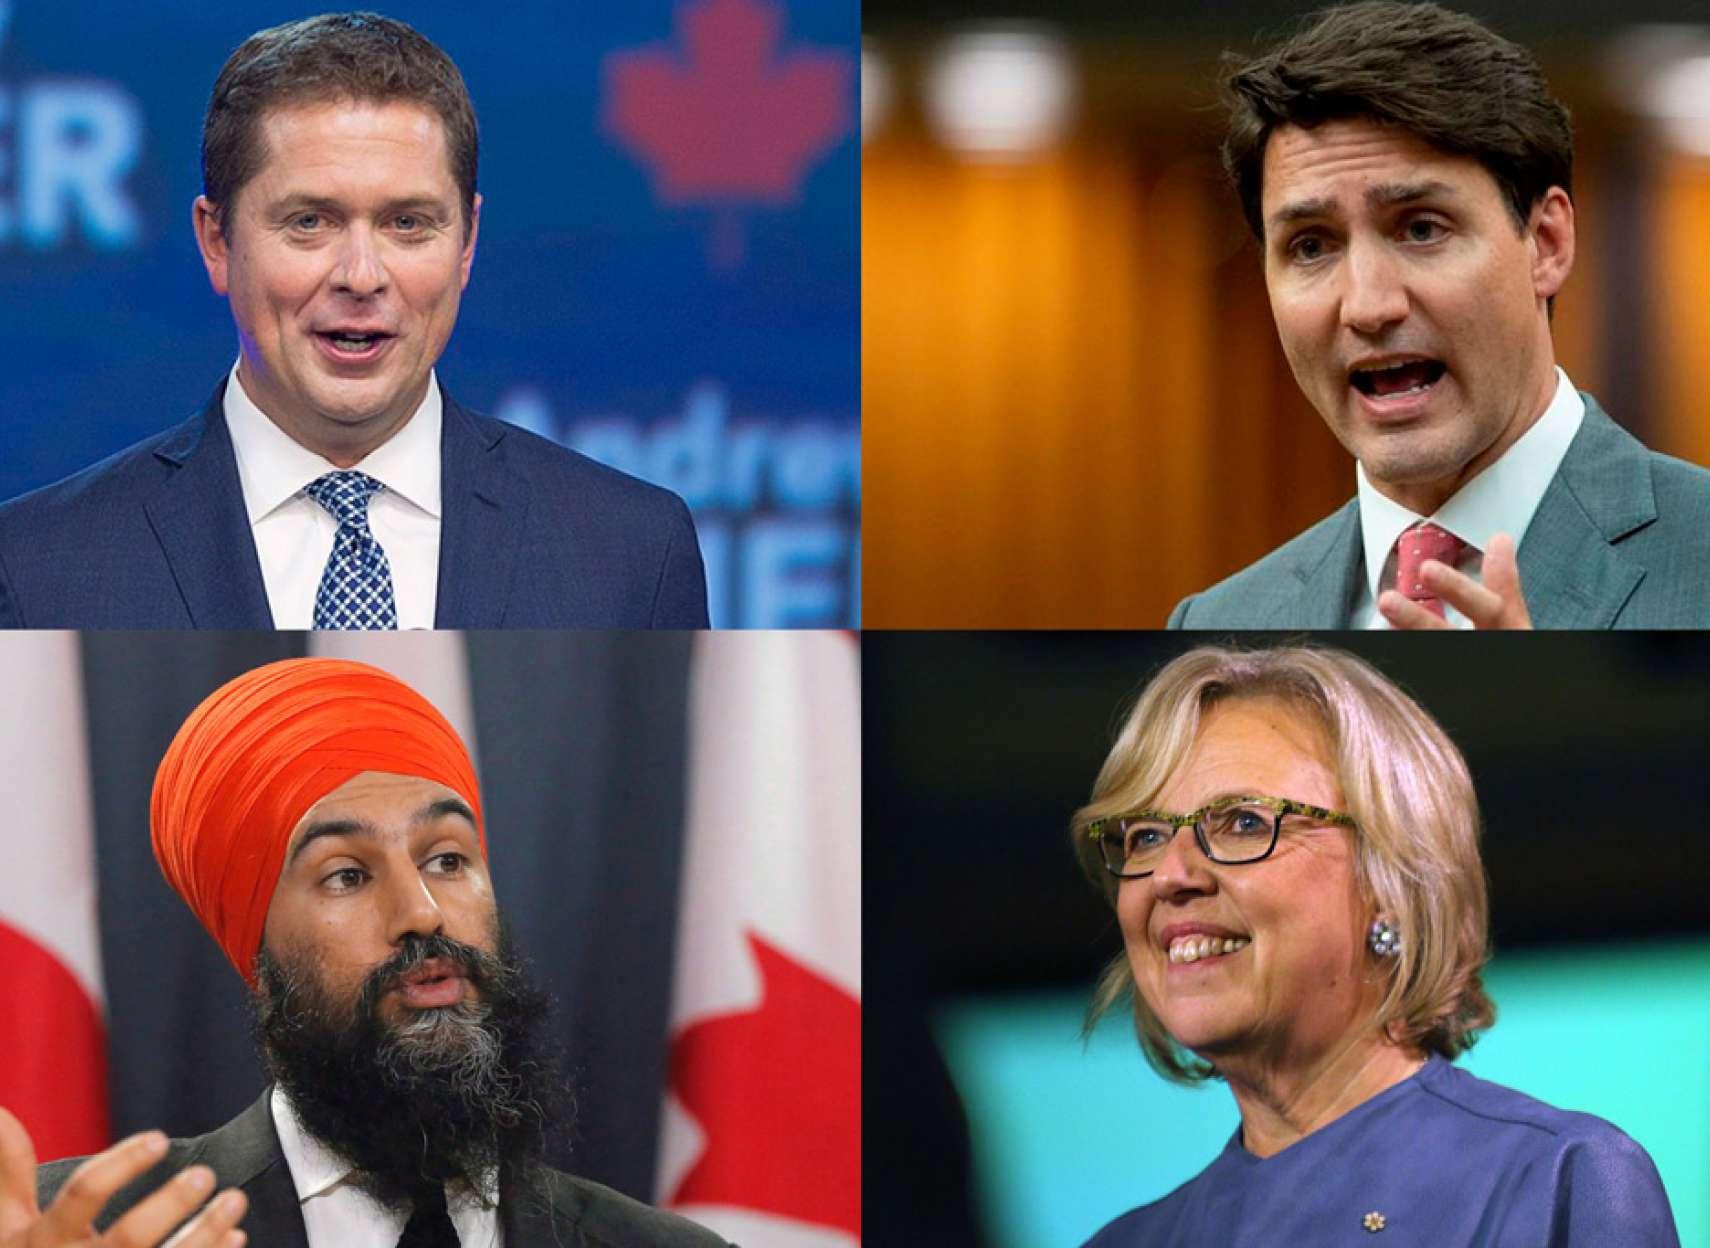 کانادا-آرش-آبادی-مقایسه-کامل-برنامه-انتخاباتی-احزاب-کانادا-در-انتخابات